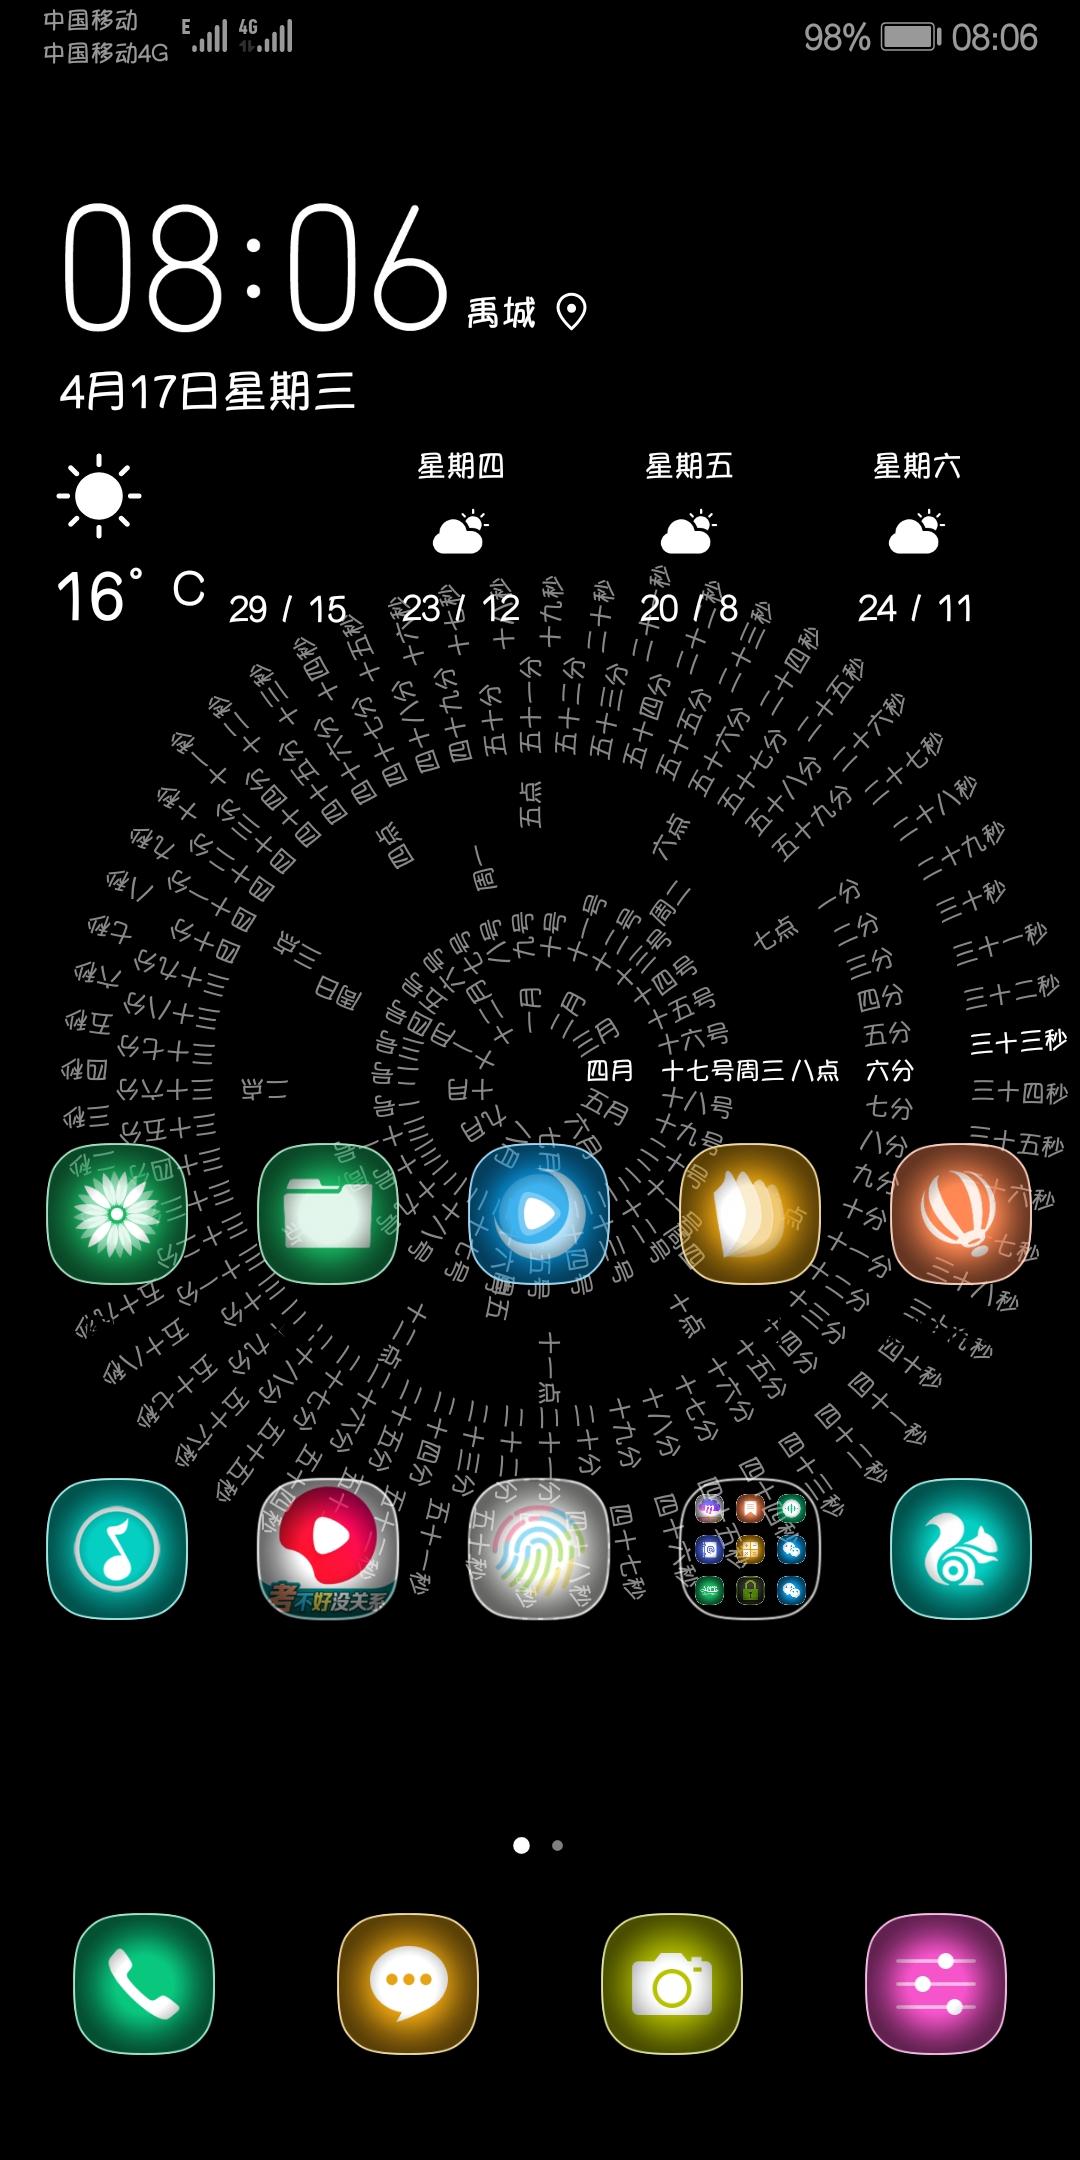 Screenshot_20190417_080633_com.huawei.android.launcher.jpg